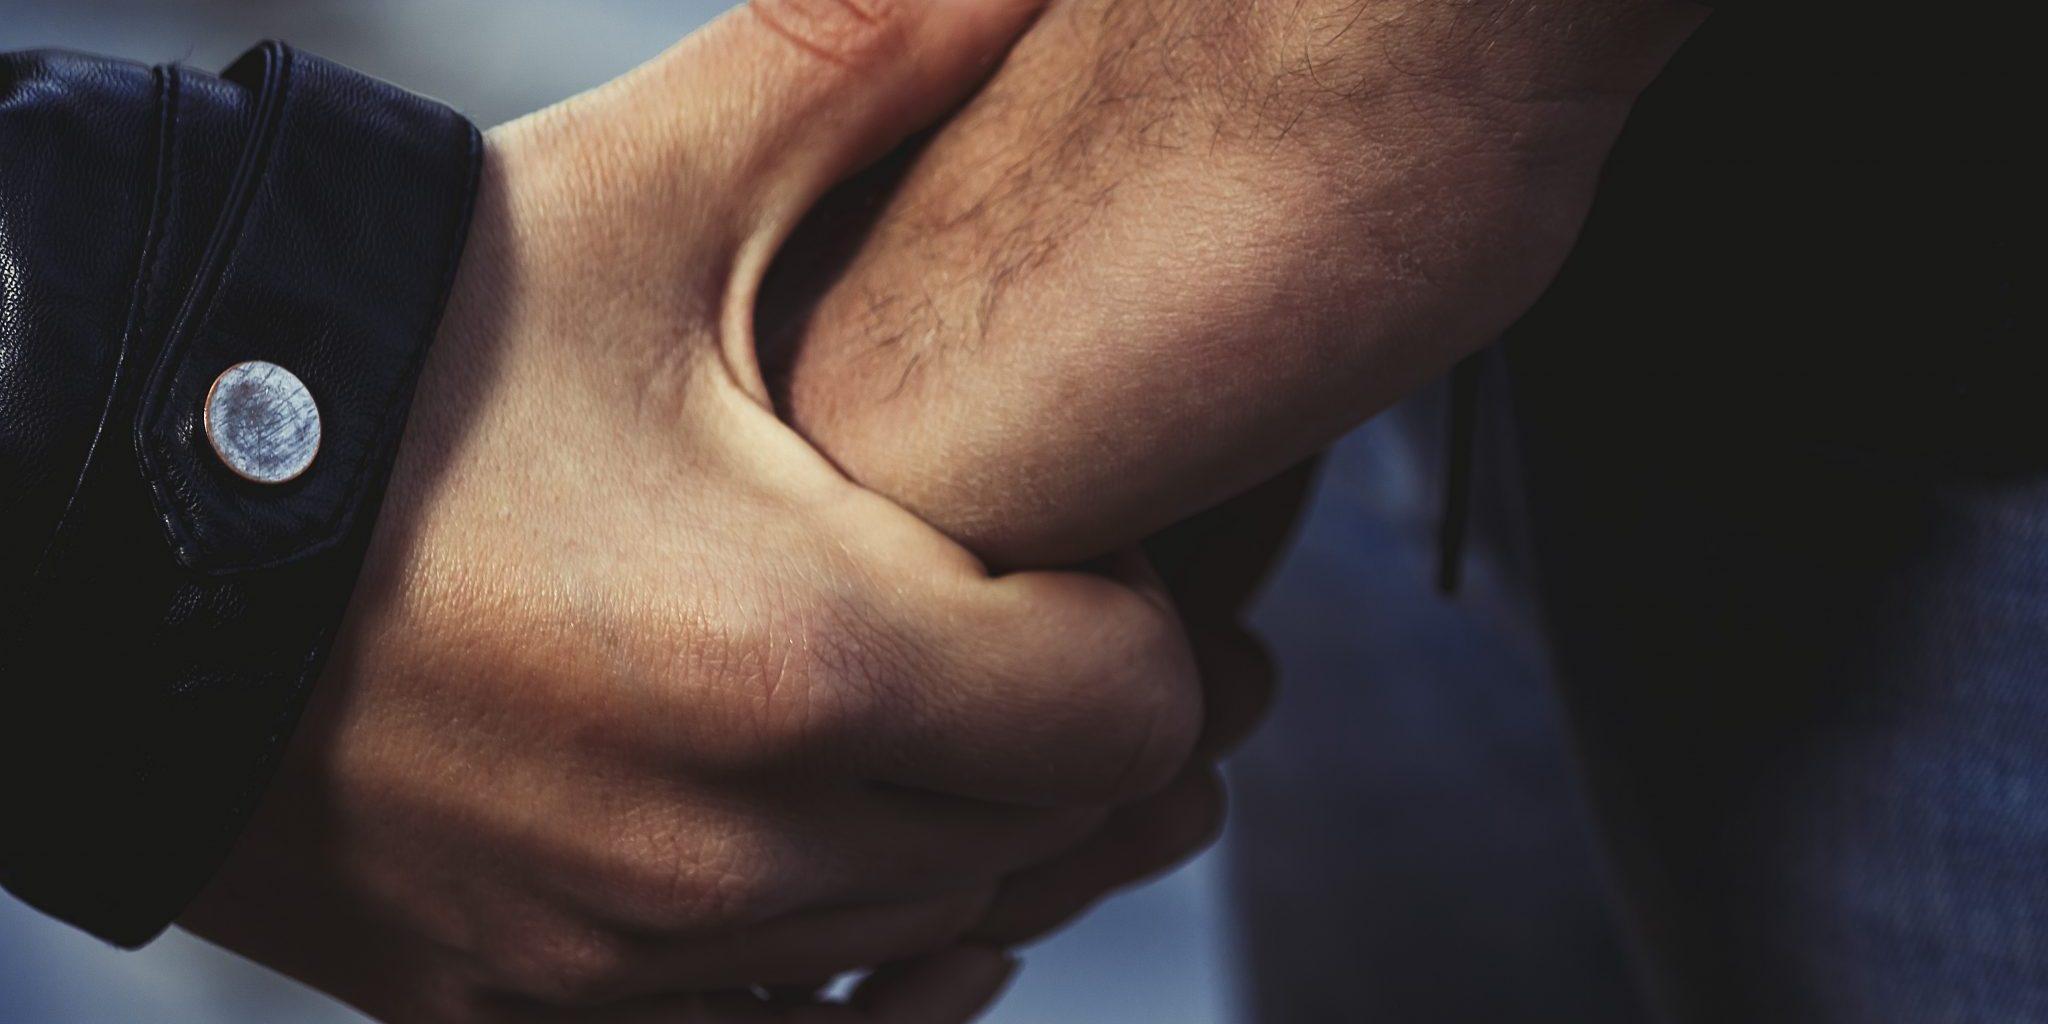 Bipolare störung partnerschaft